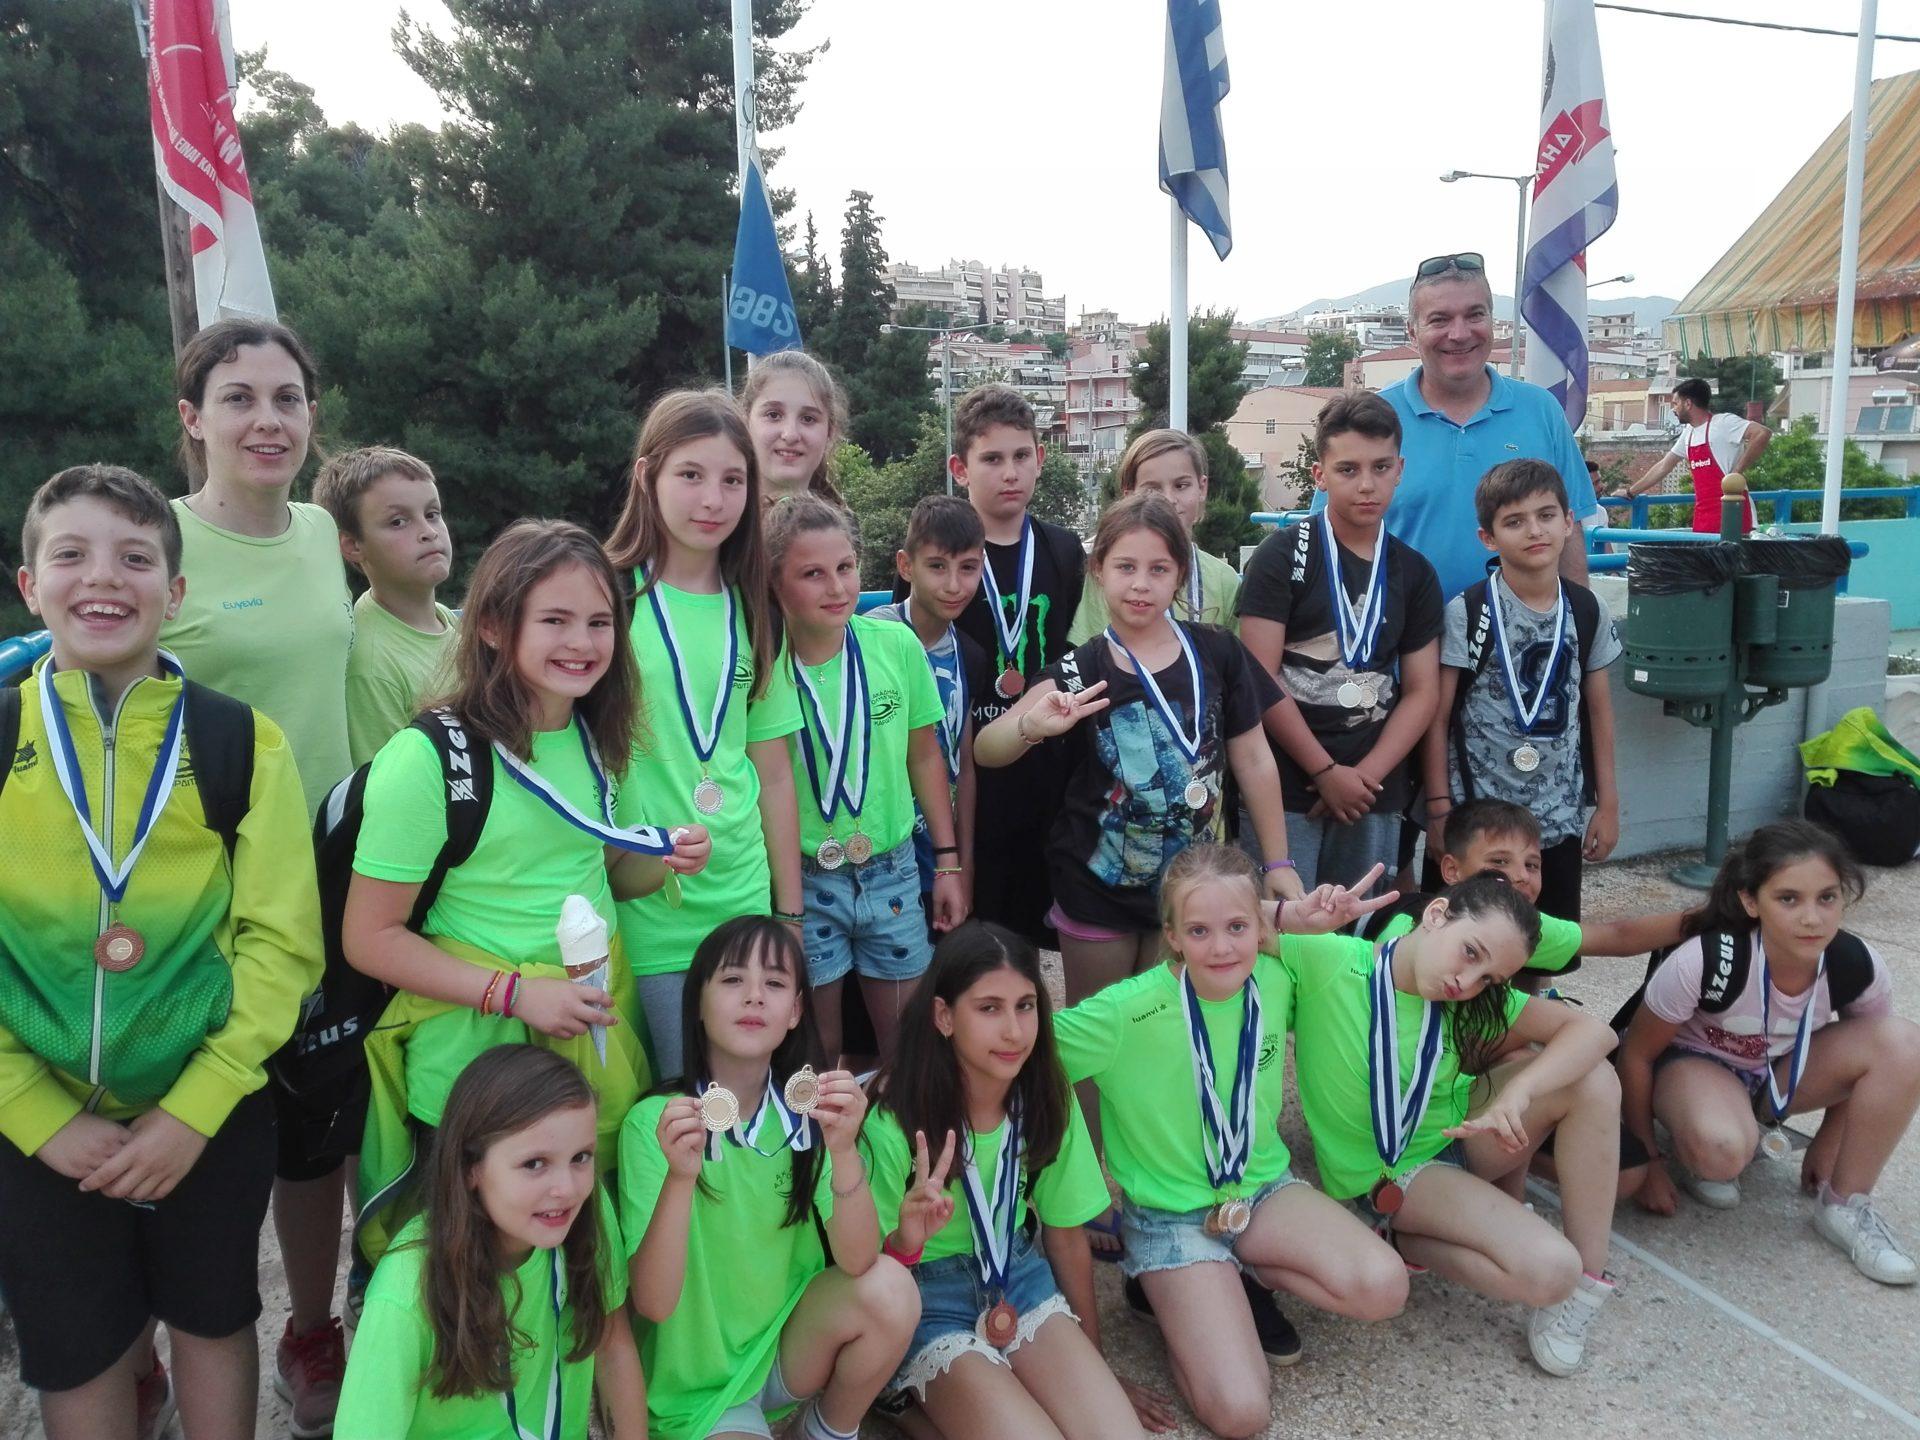 24 μετάλλια στο «1ο Swimming Cup Lamia 2018» για την Α.Κ.Α.Κ. & τον ΑΣΚ Ολυμπιακό